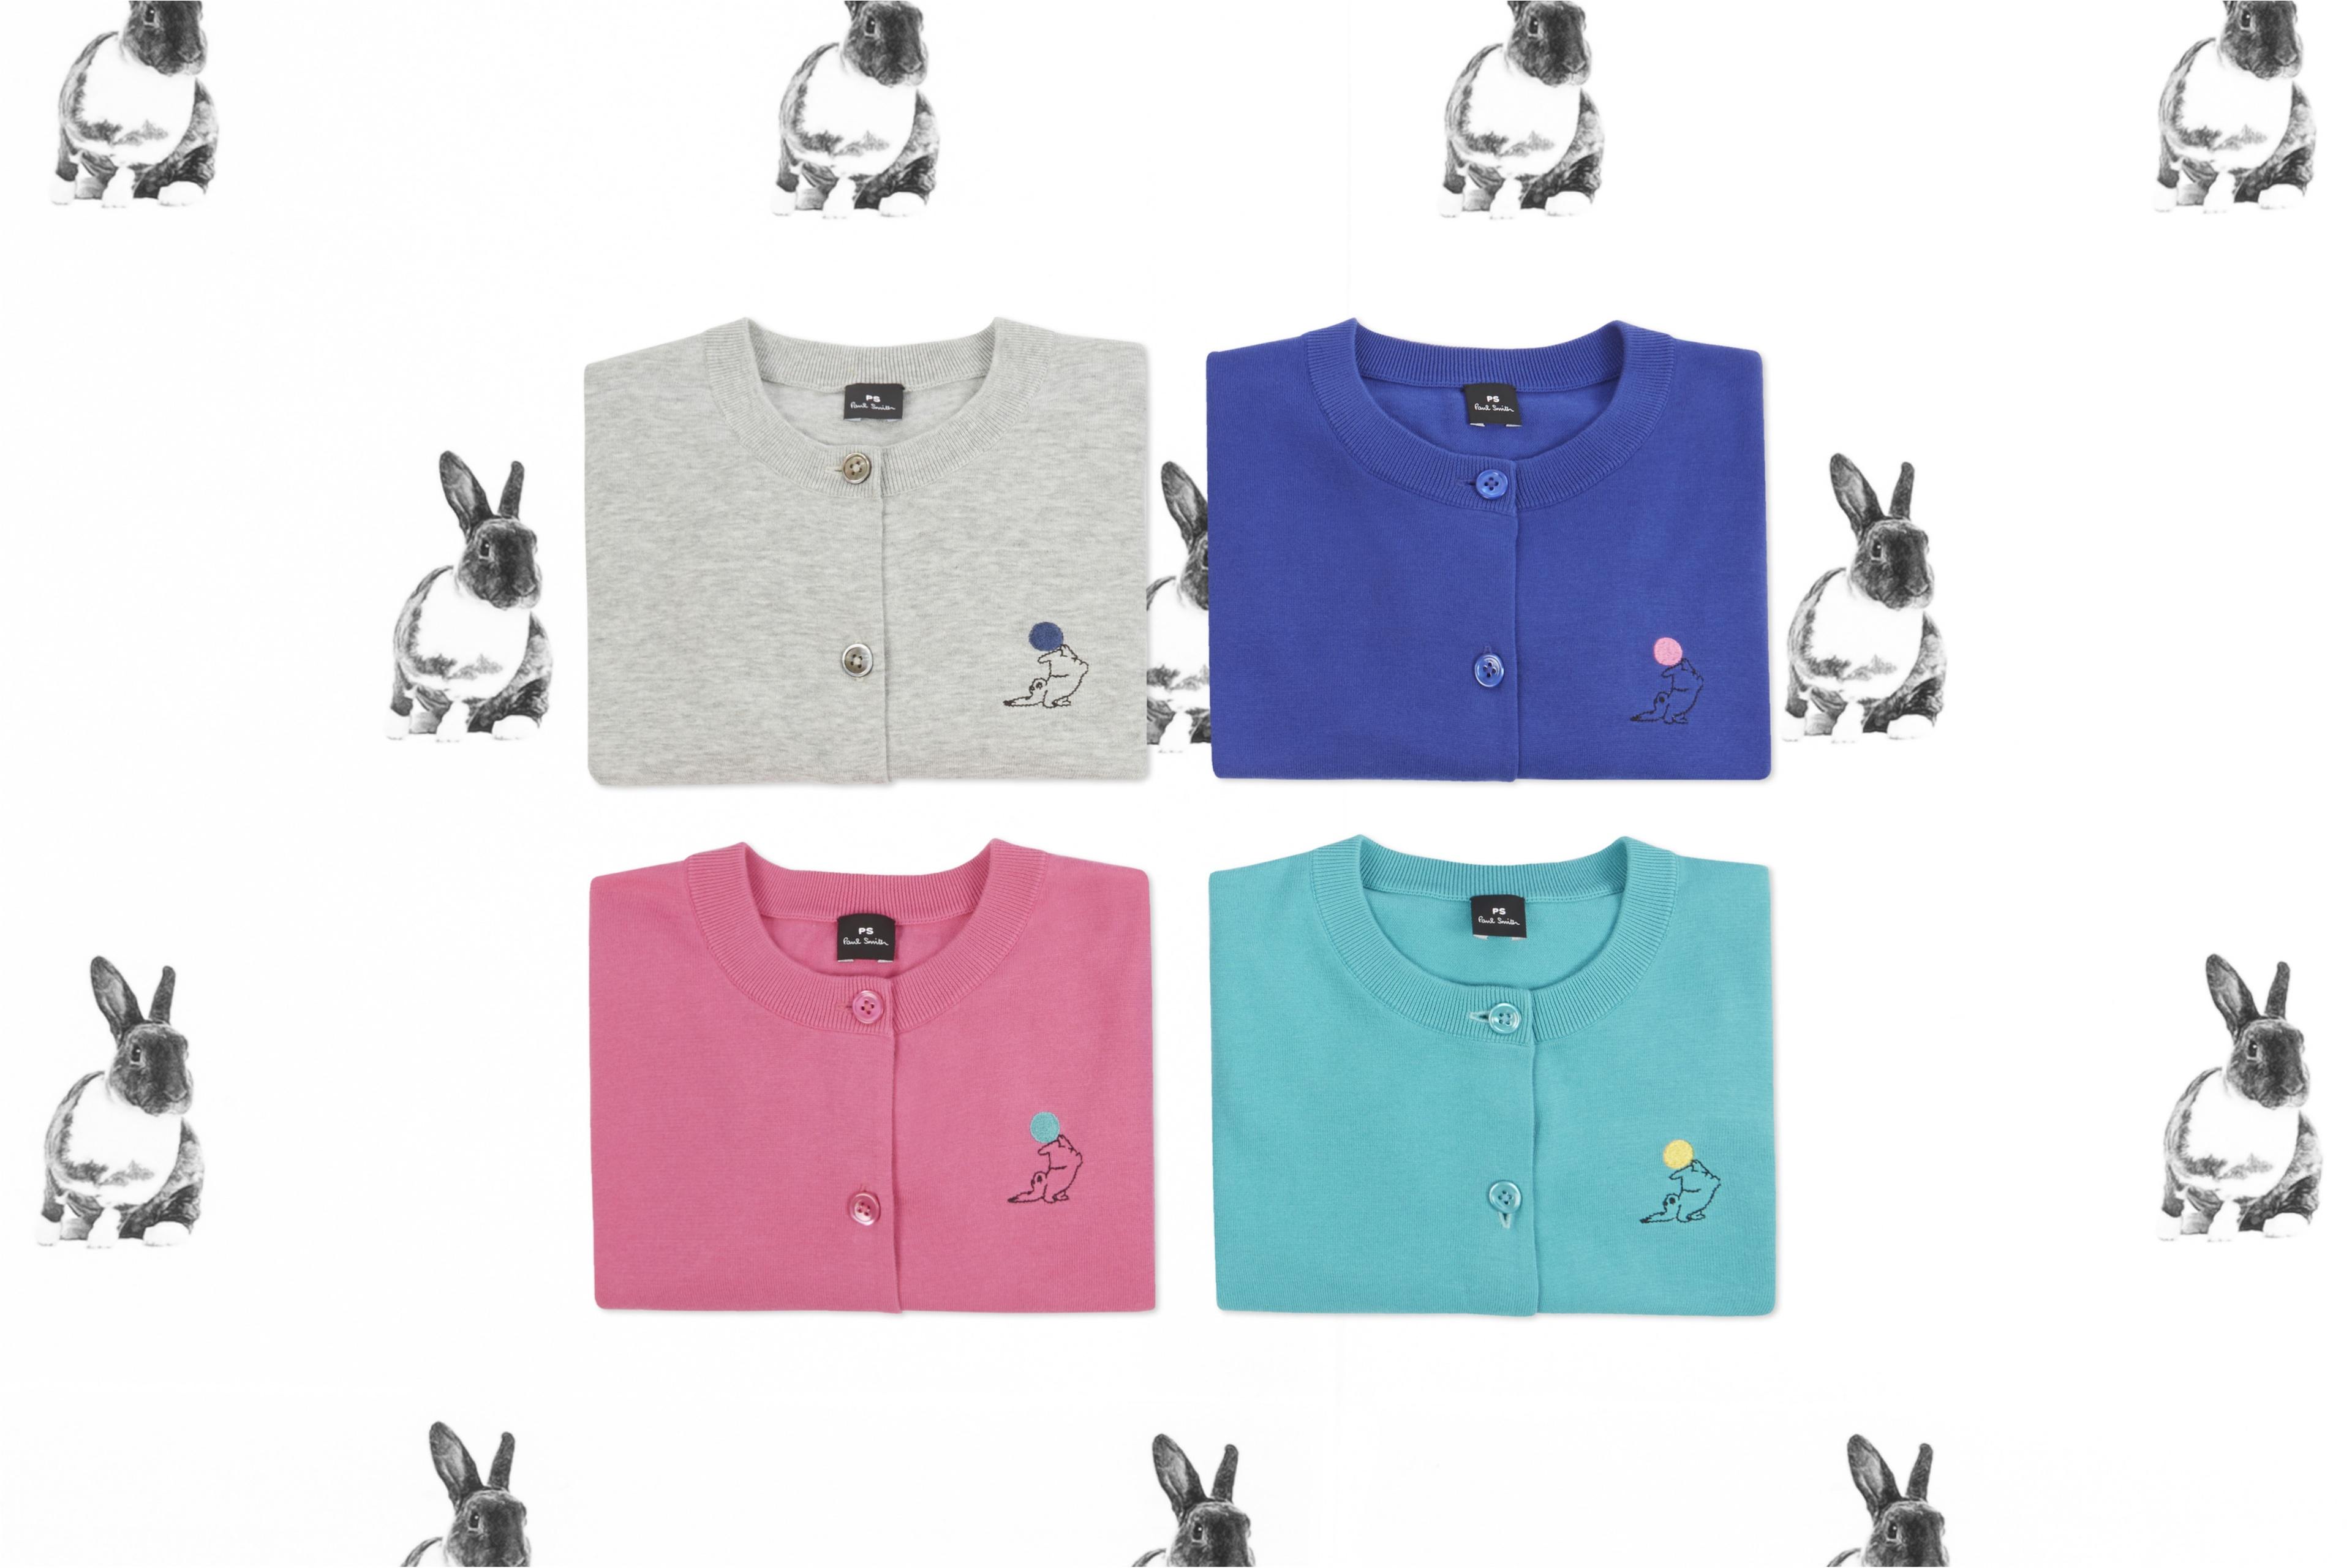 ラッキーアニマル・ウサギをモチーフにした『PS ポール・スミス』のカプセルコレクションに癒される♡_1_1